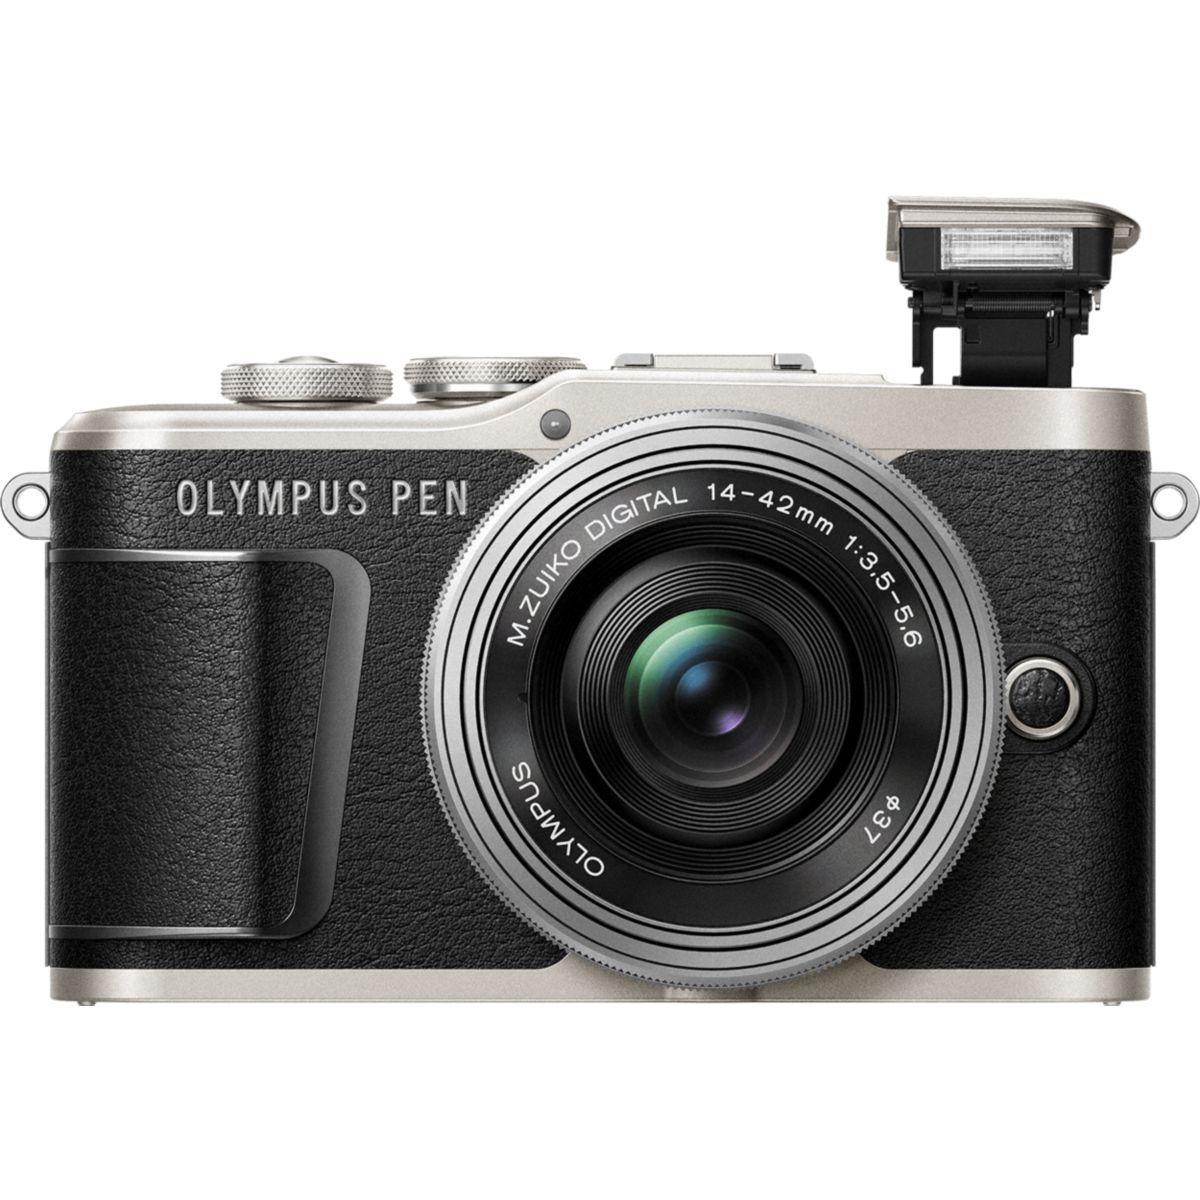 Appareil photo hybride olympus pen e-pl9 noir + ez-m14-42mm ez silver - 10% de remise imm�diate avec le code : deal10